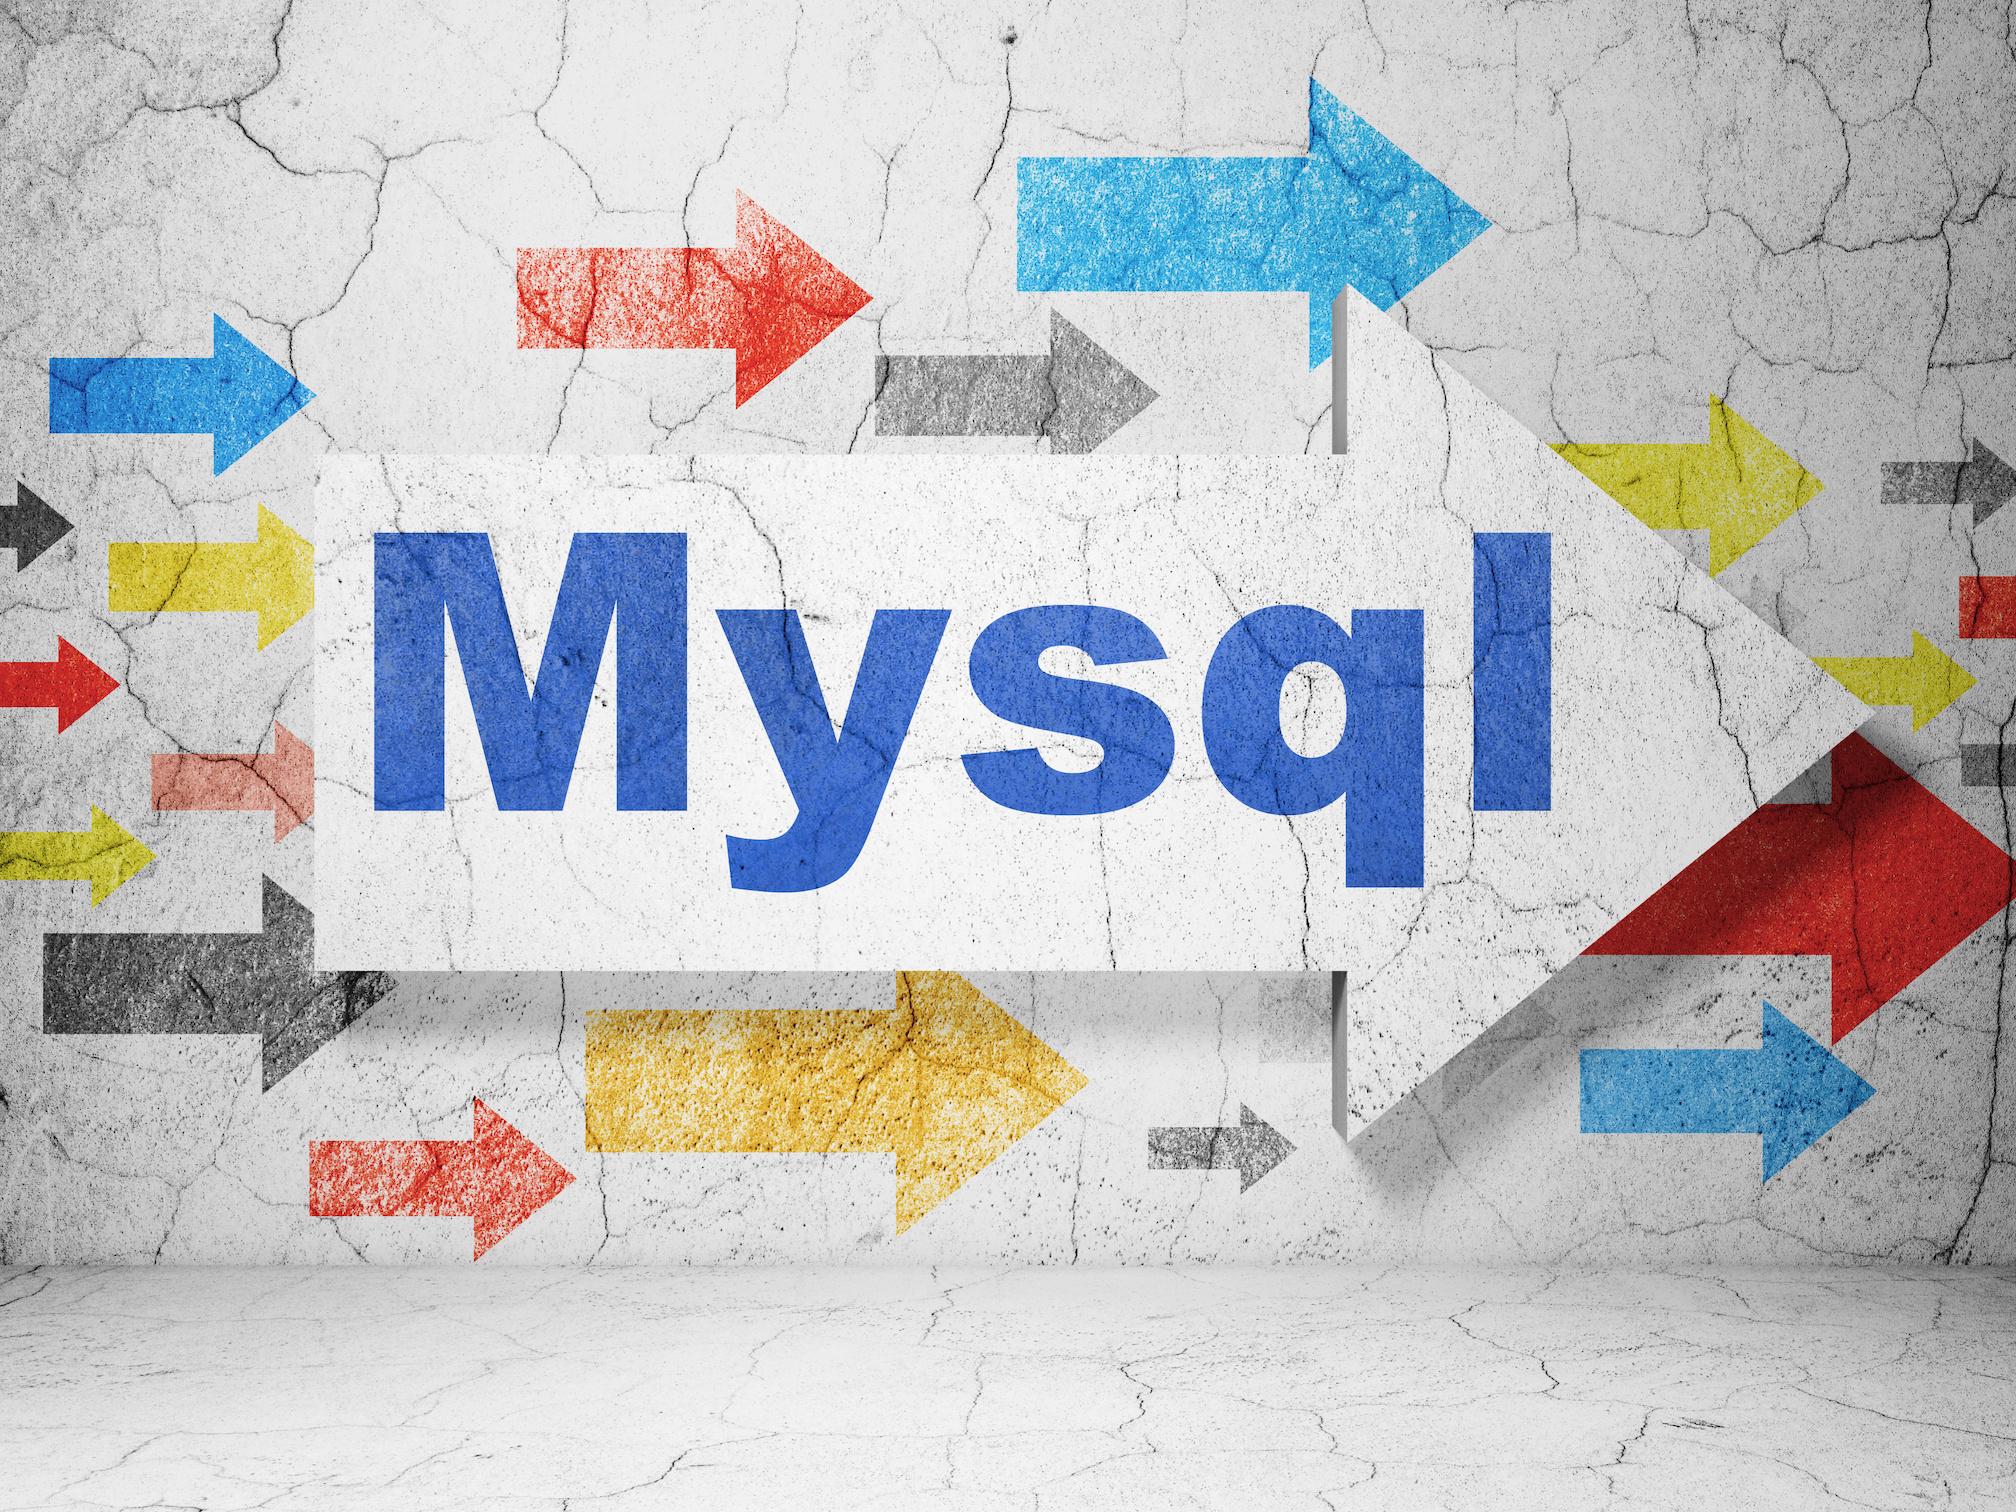 MySQLの文字と矢印